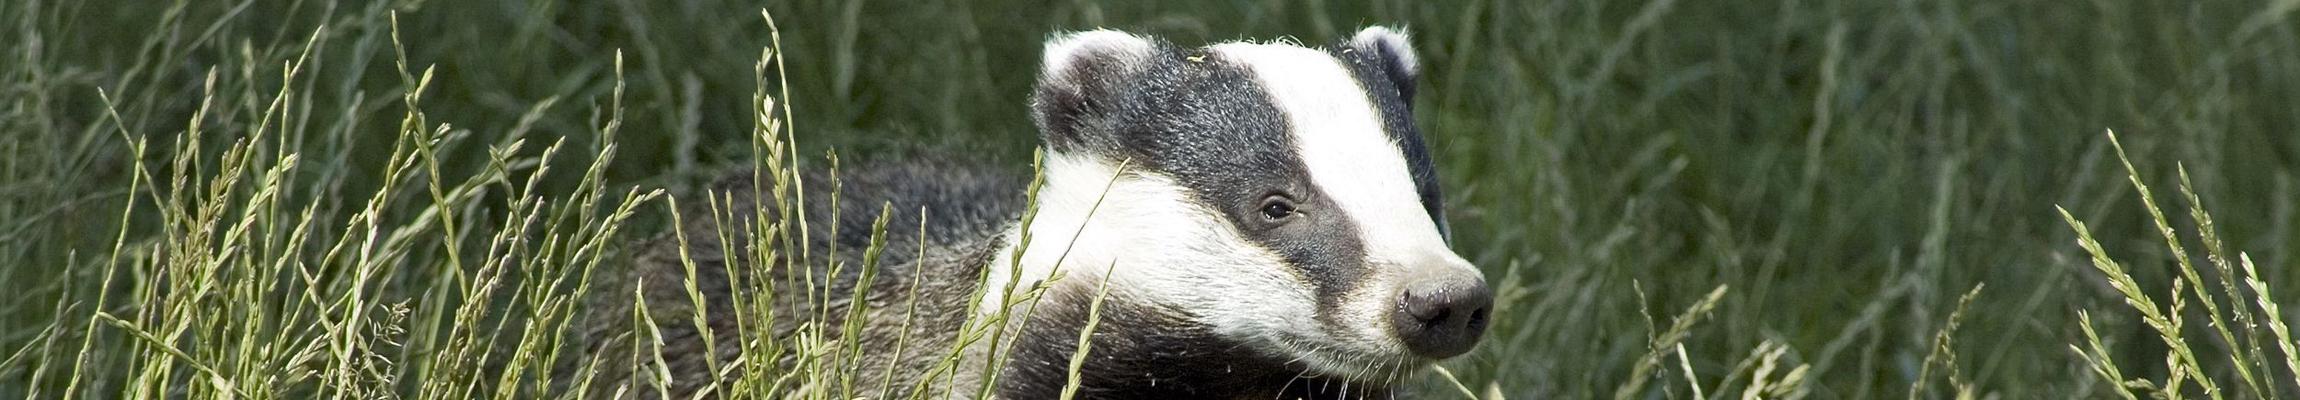 7094763 – badger